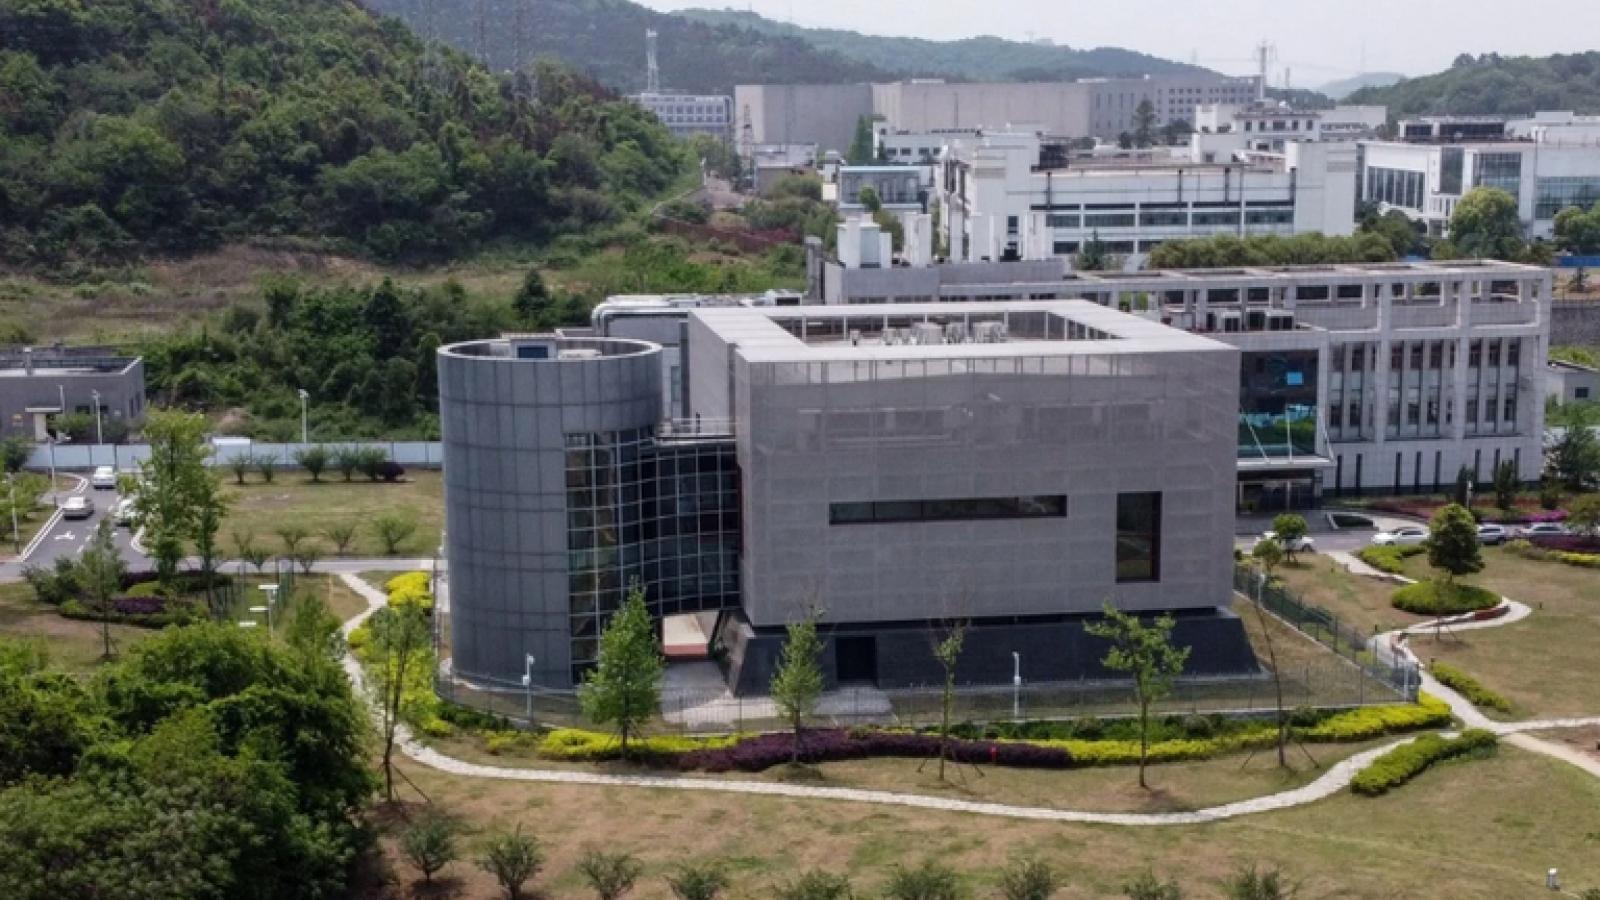 Viện Virus học Vũ Hán phủ nhận giả thuyết virus SARS-CoV-2 rò rỉ từ phòng thí nghiệm